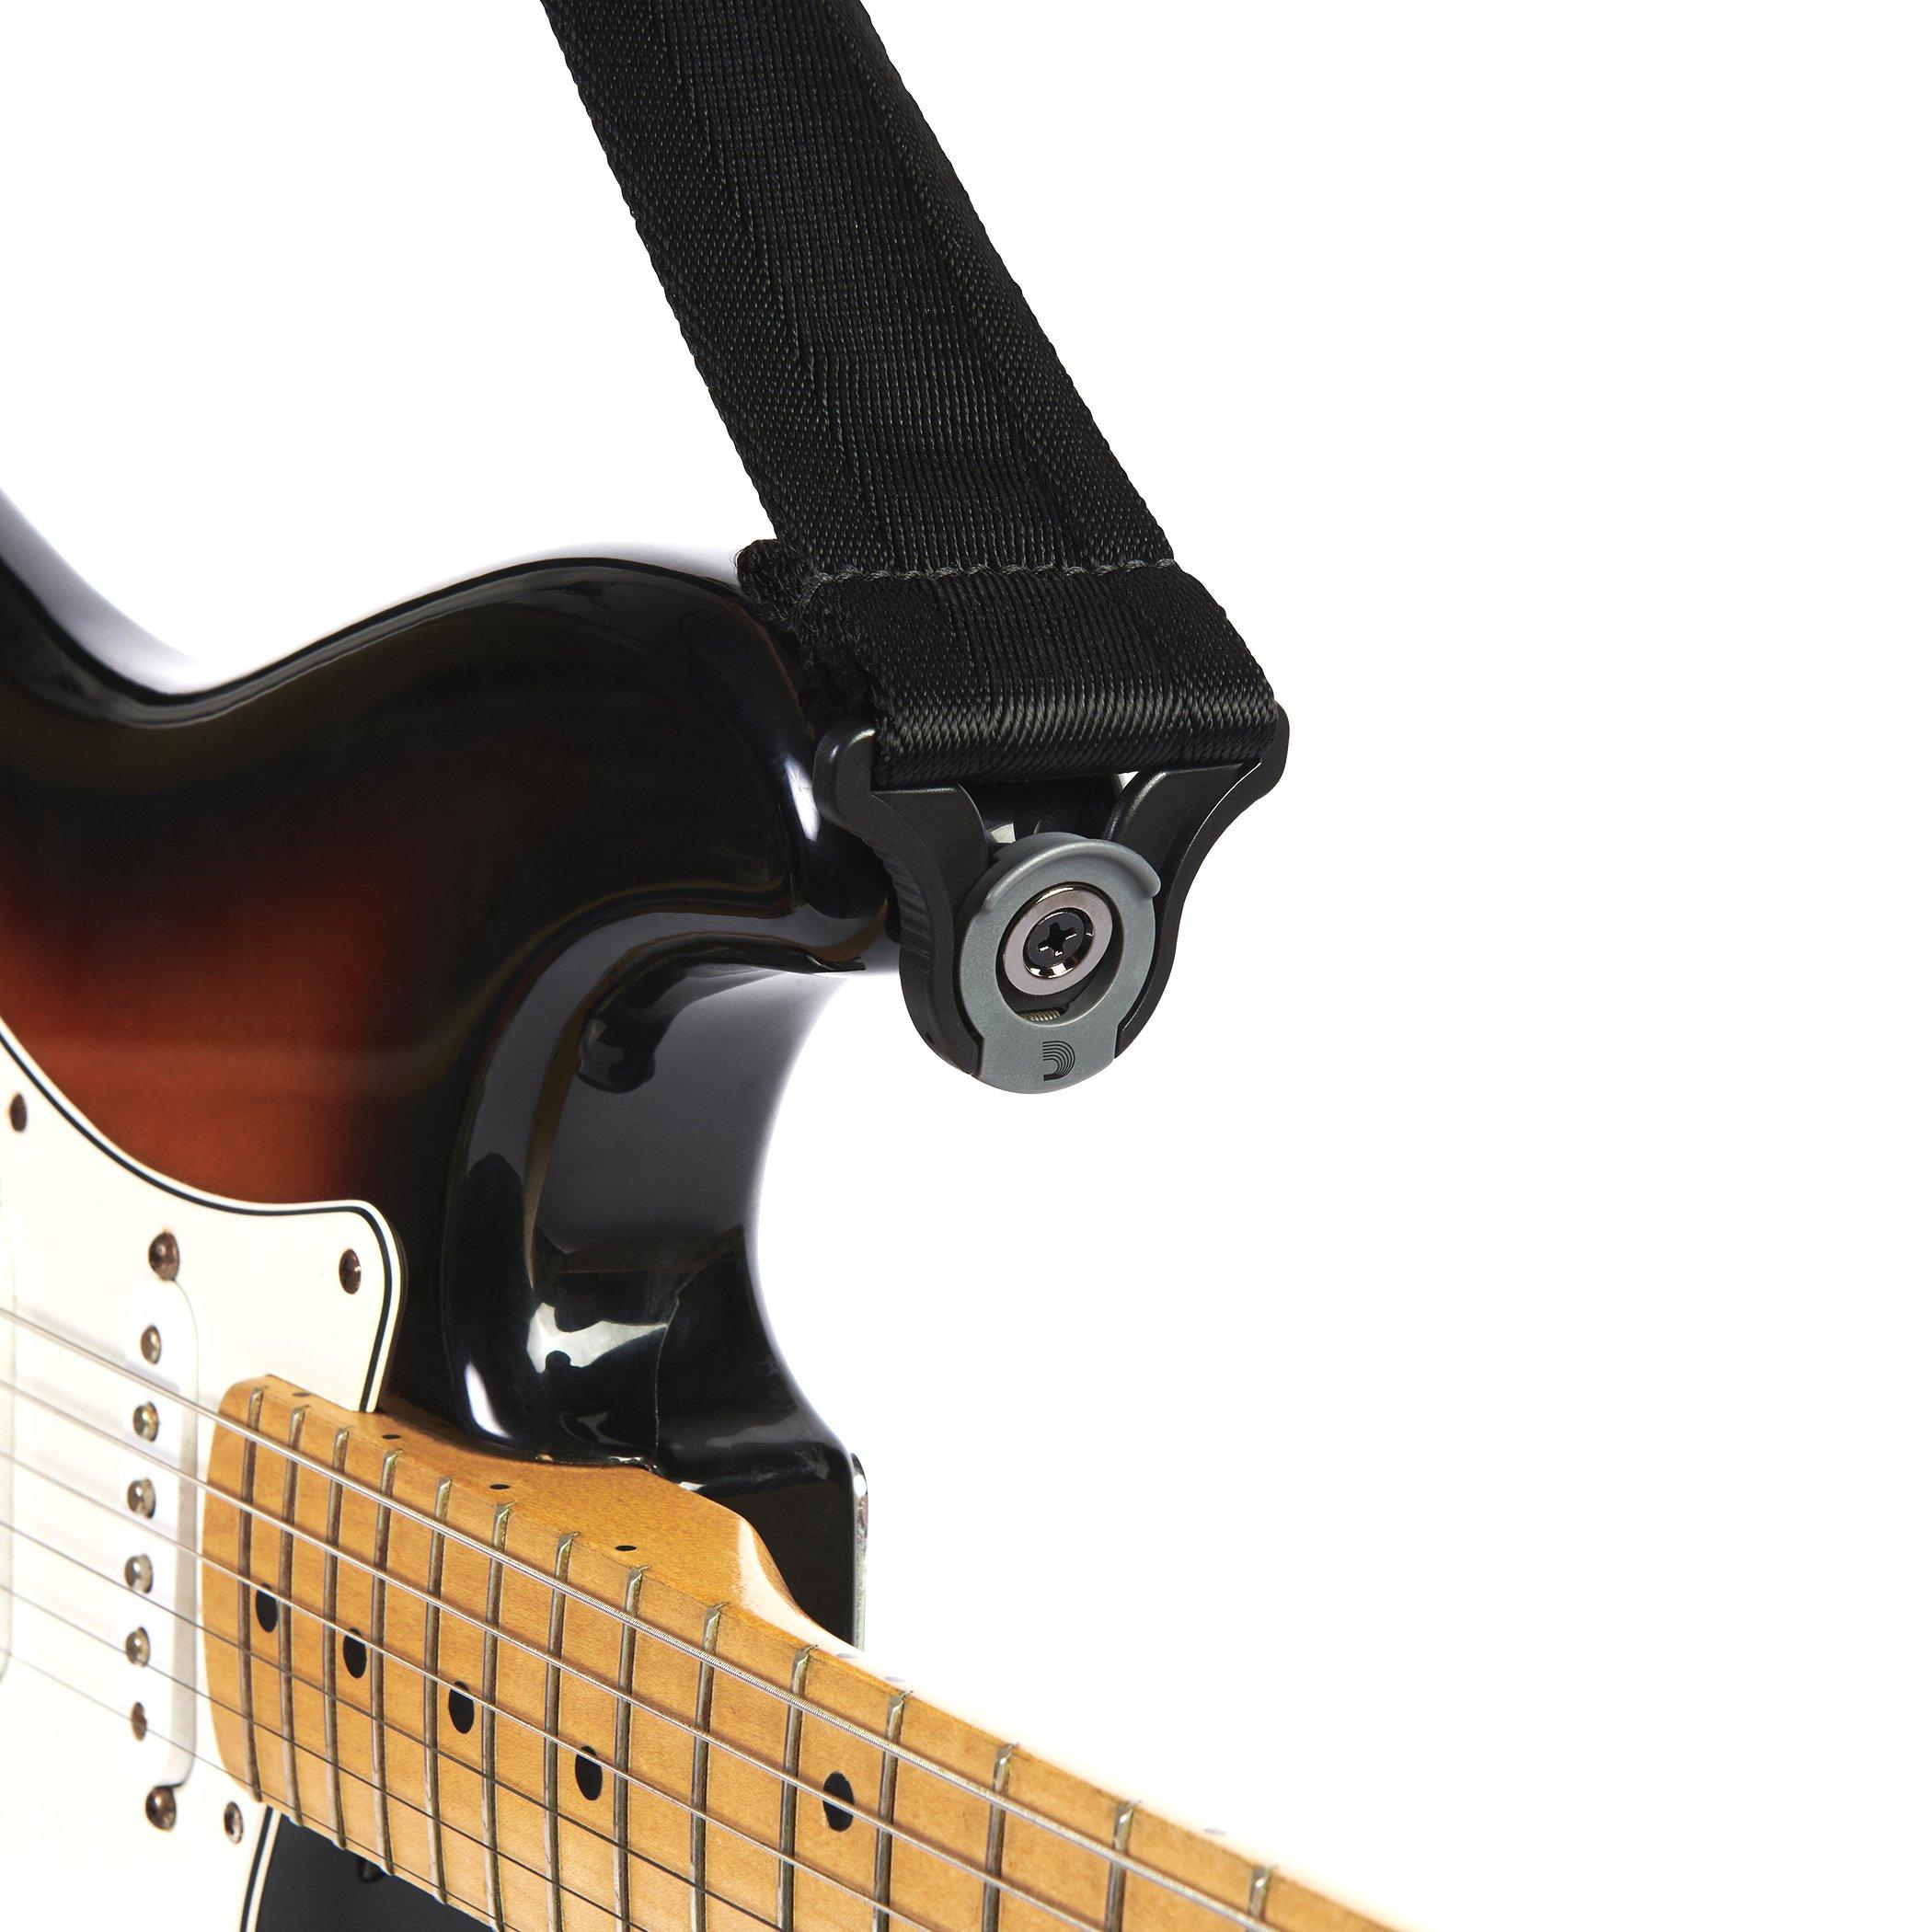 D'Addario Accessories Auto Lock Guitar Strap (50BAL00) by D'Addario Accessories (Image #4)